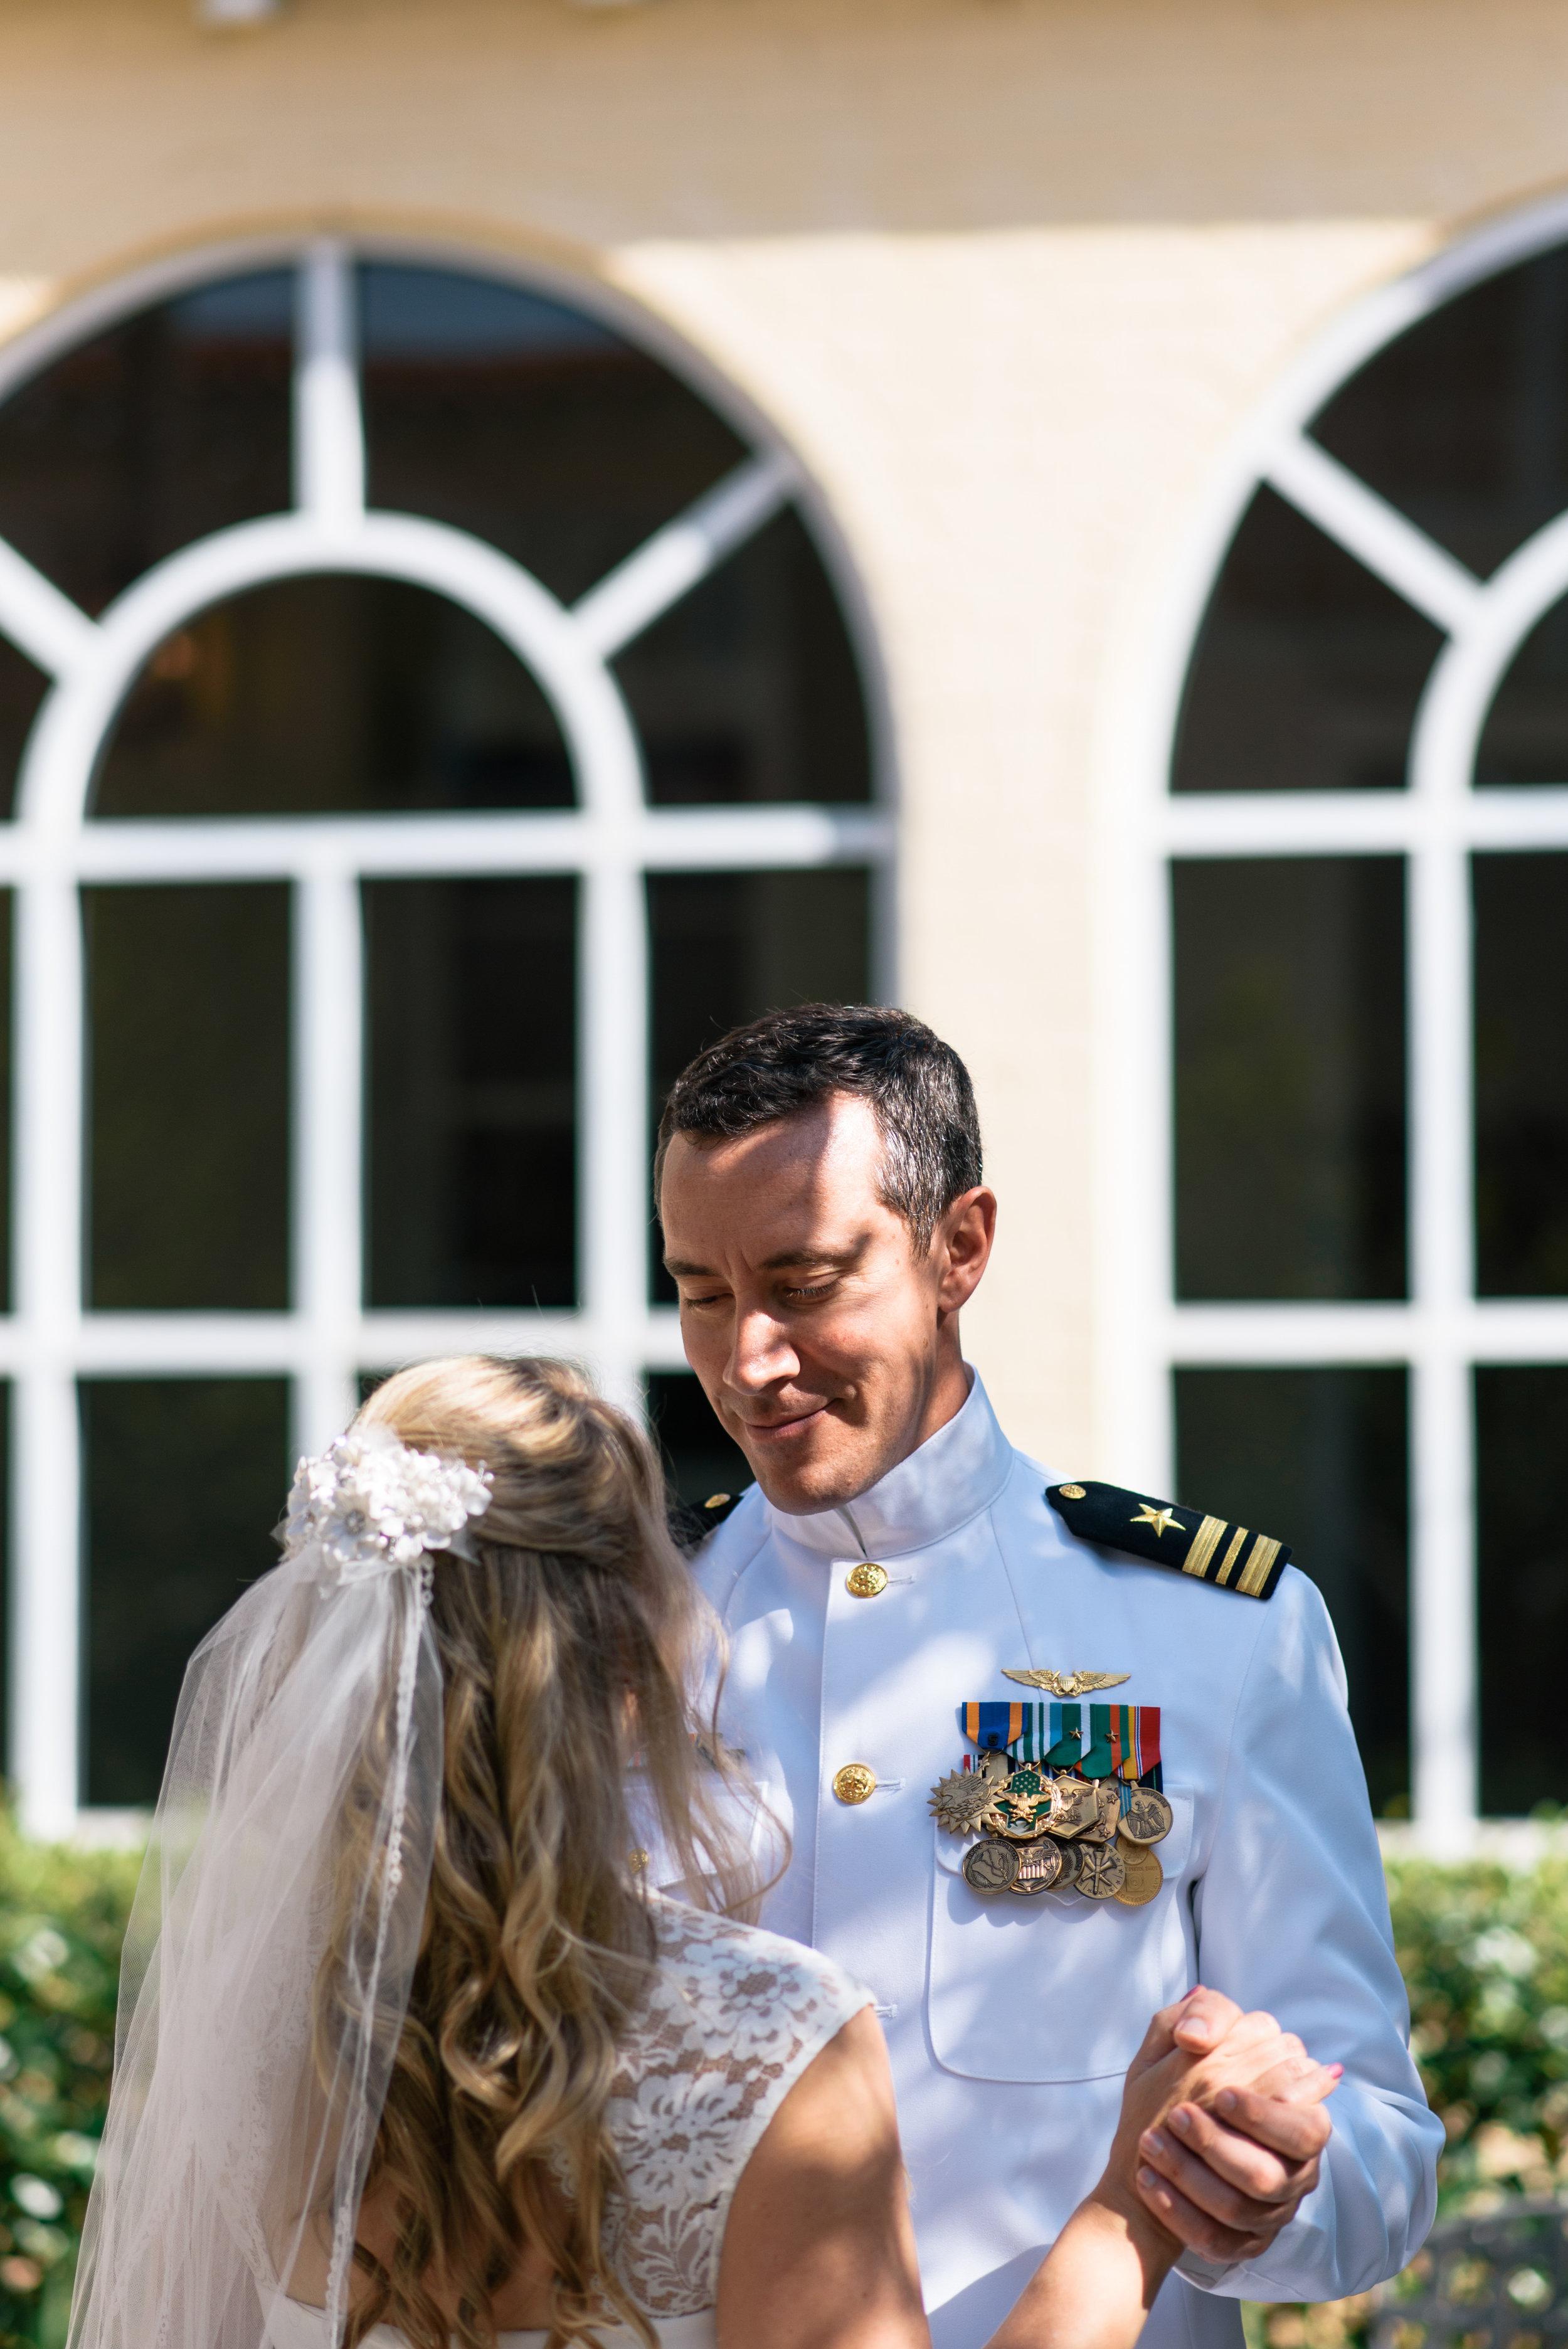 st-simons-island-elopement-photographer-savannah-elopement-photography-savannah-georgia-elopement-photographer-savannah-wedding-photographer-meg-hill-photo-jade-hill- (14 of 72).jpg